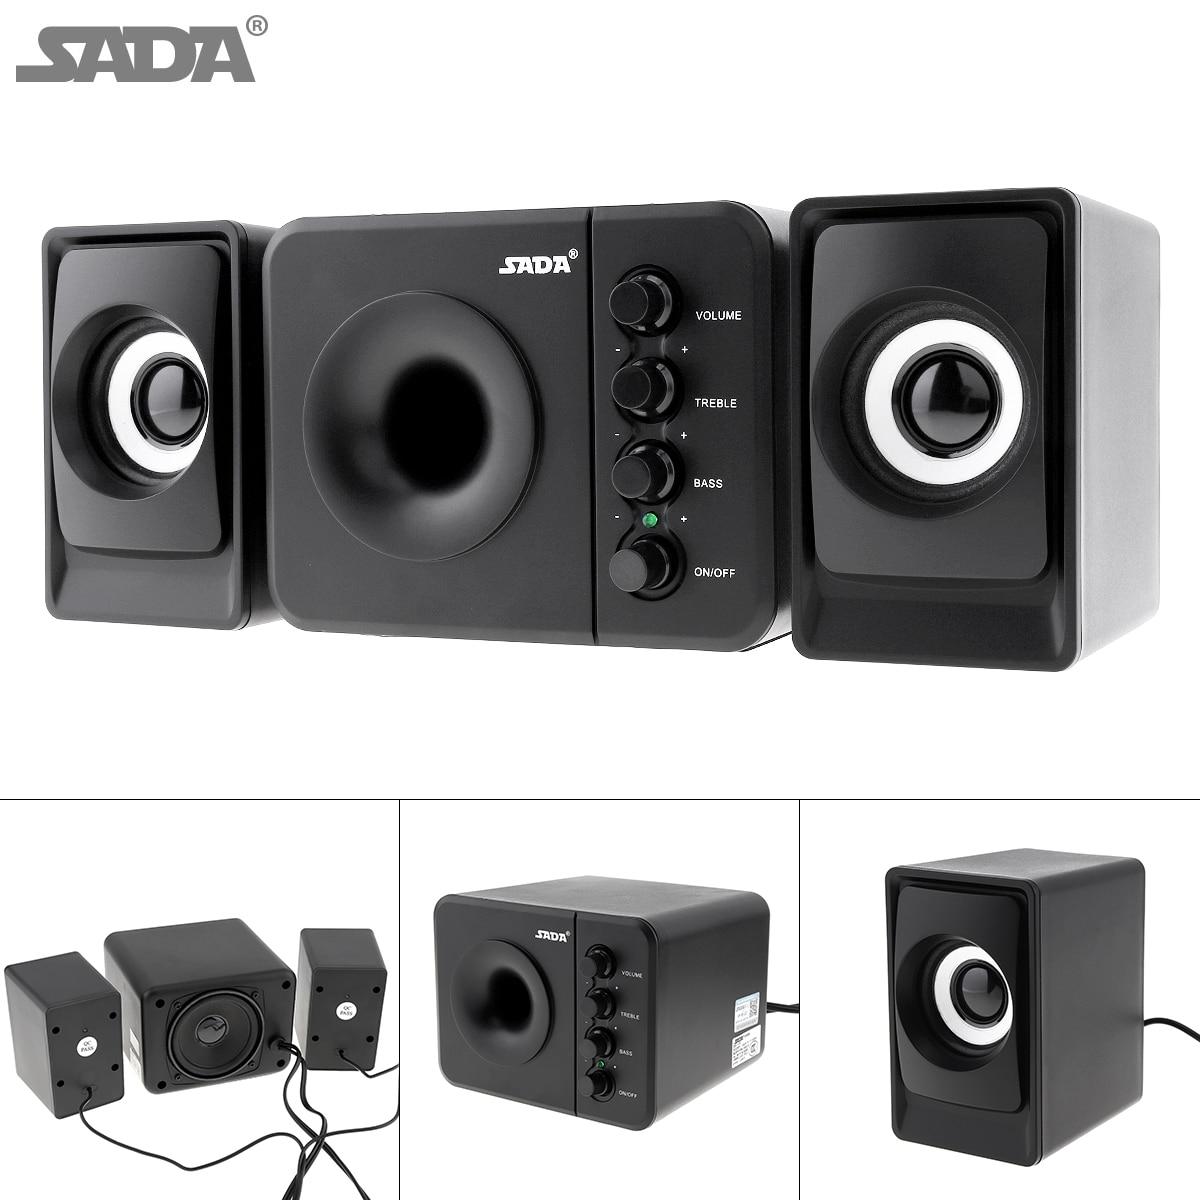 SADA D-205 plus récent gamme complète 3D stéréo Subwoofer 100% basse PC haut-parleur Portable musique DJ USB ordinateur haut-parleurs pour ordinateur Portable TV